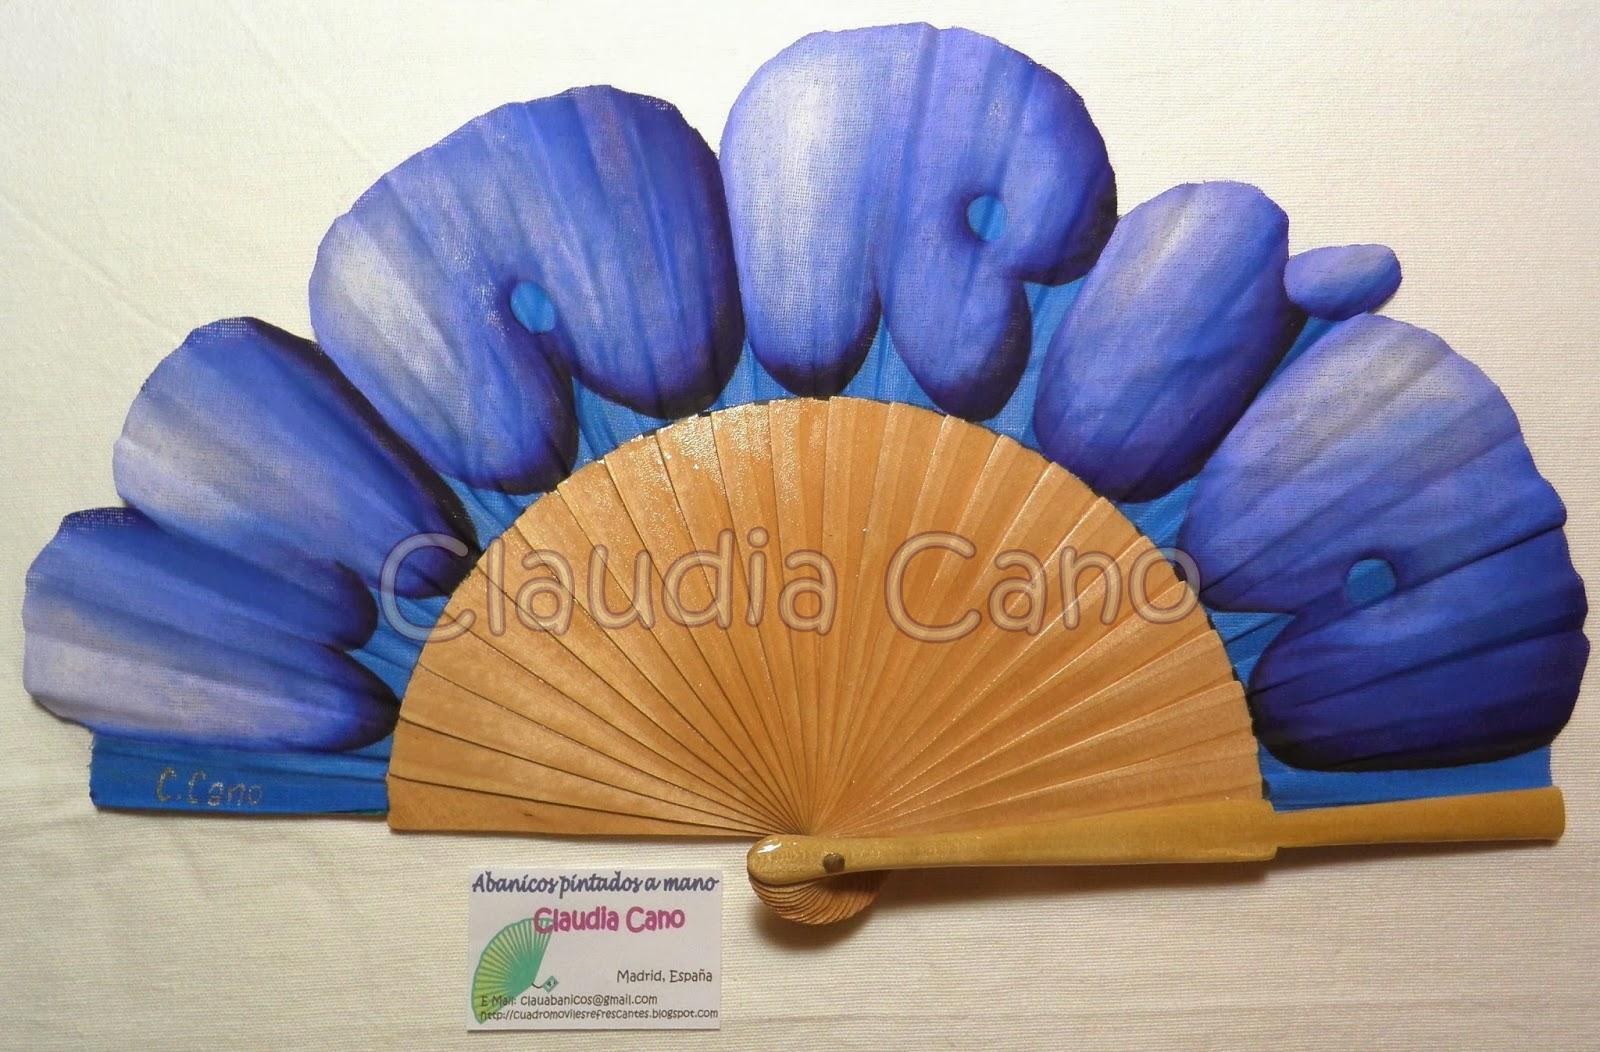 Abanicos pintados a mano por claudia cano abanico con - Como pintar abanicos ...